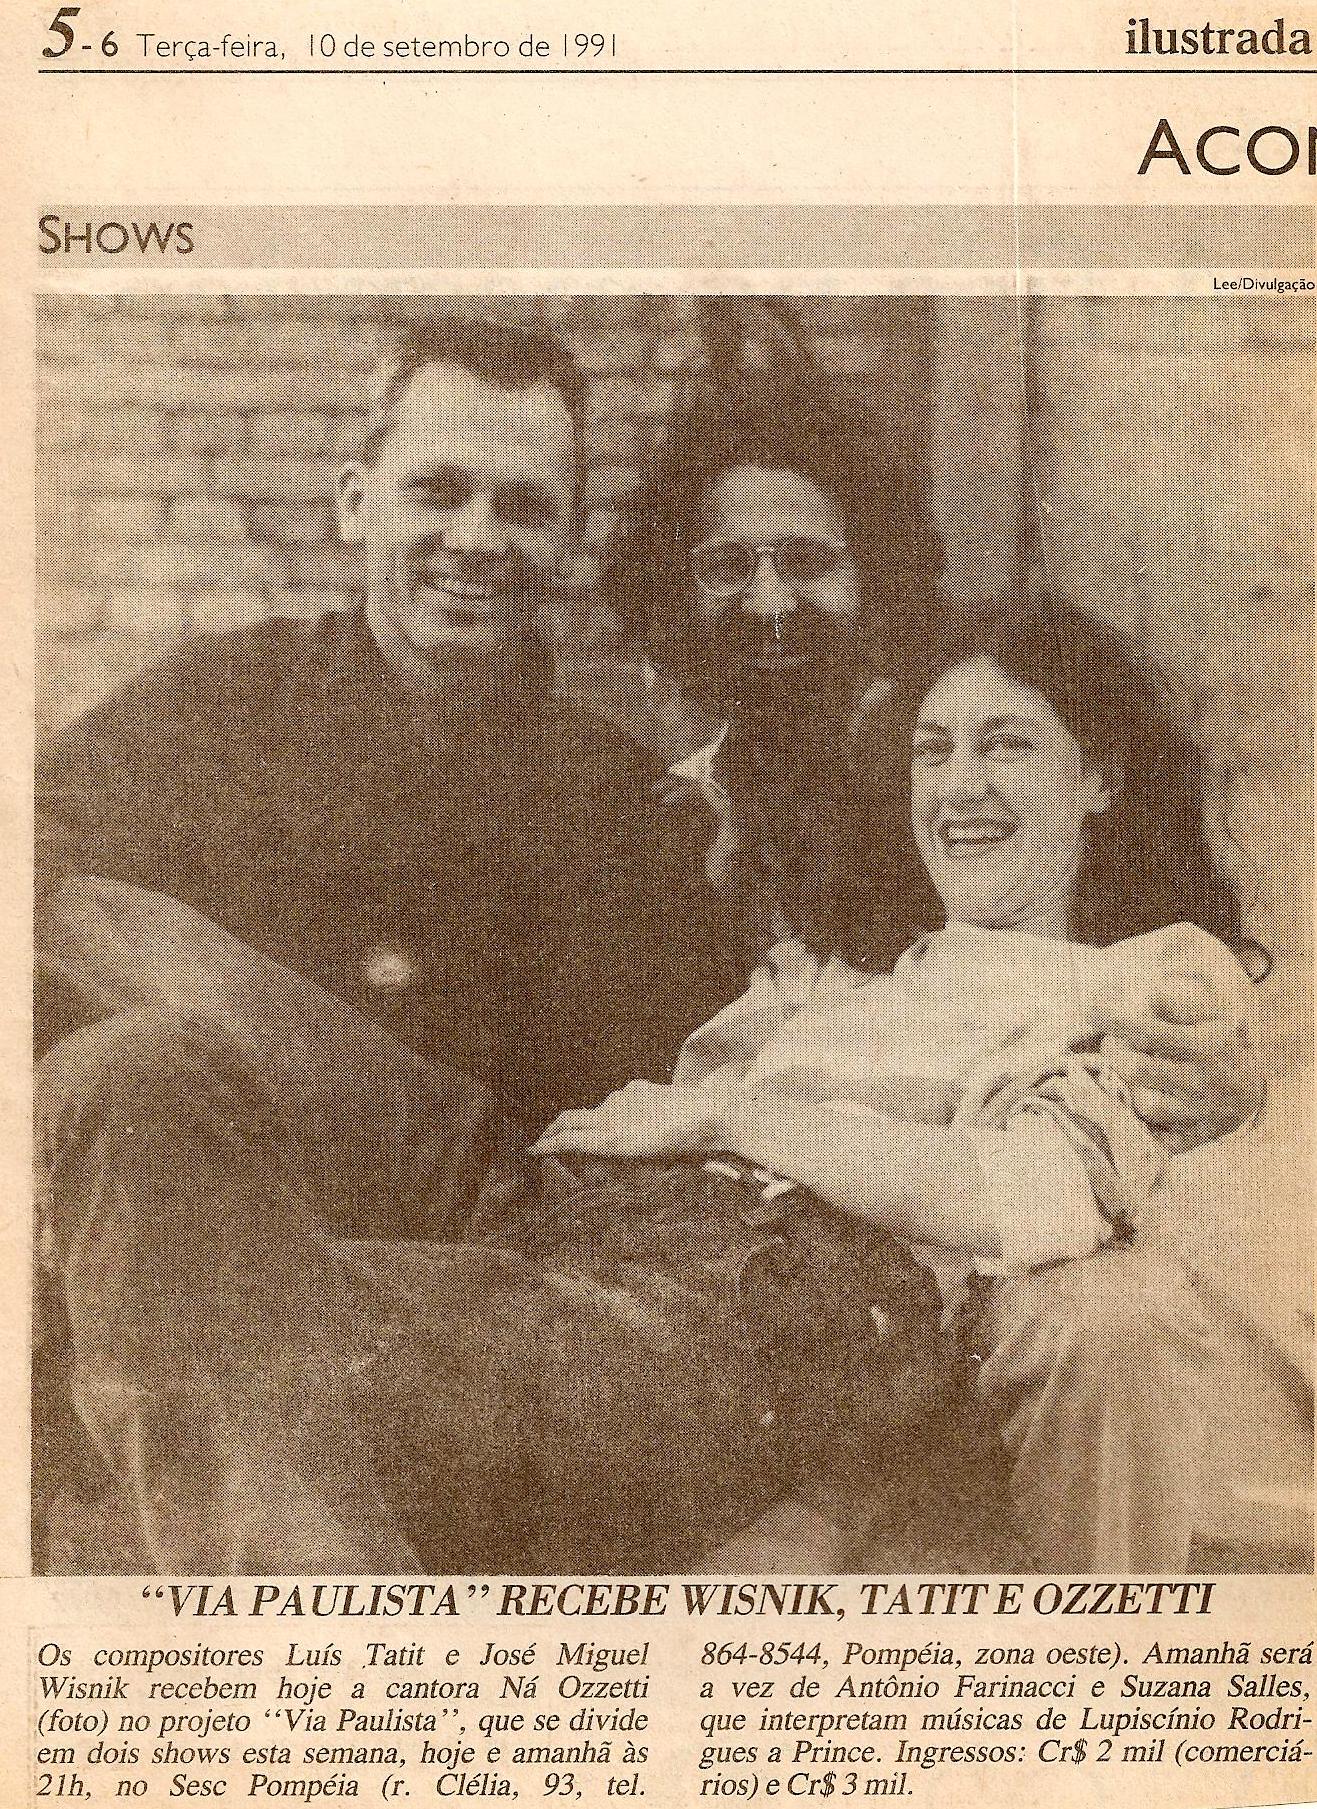 Zé, Tatit e Ná, 1991